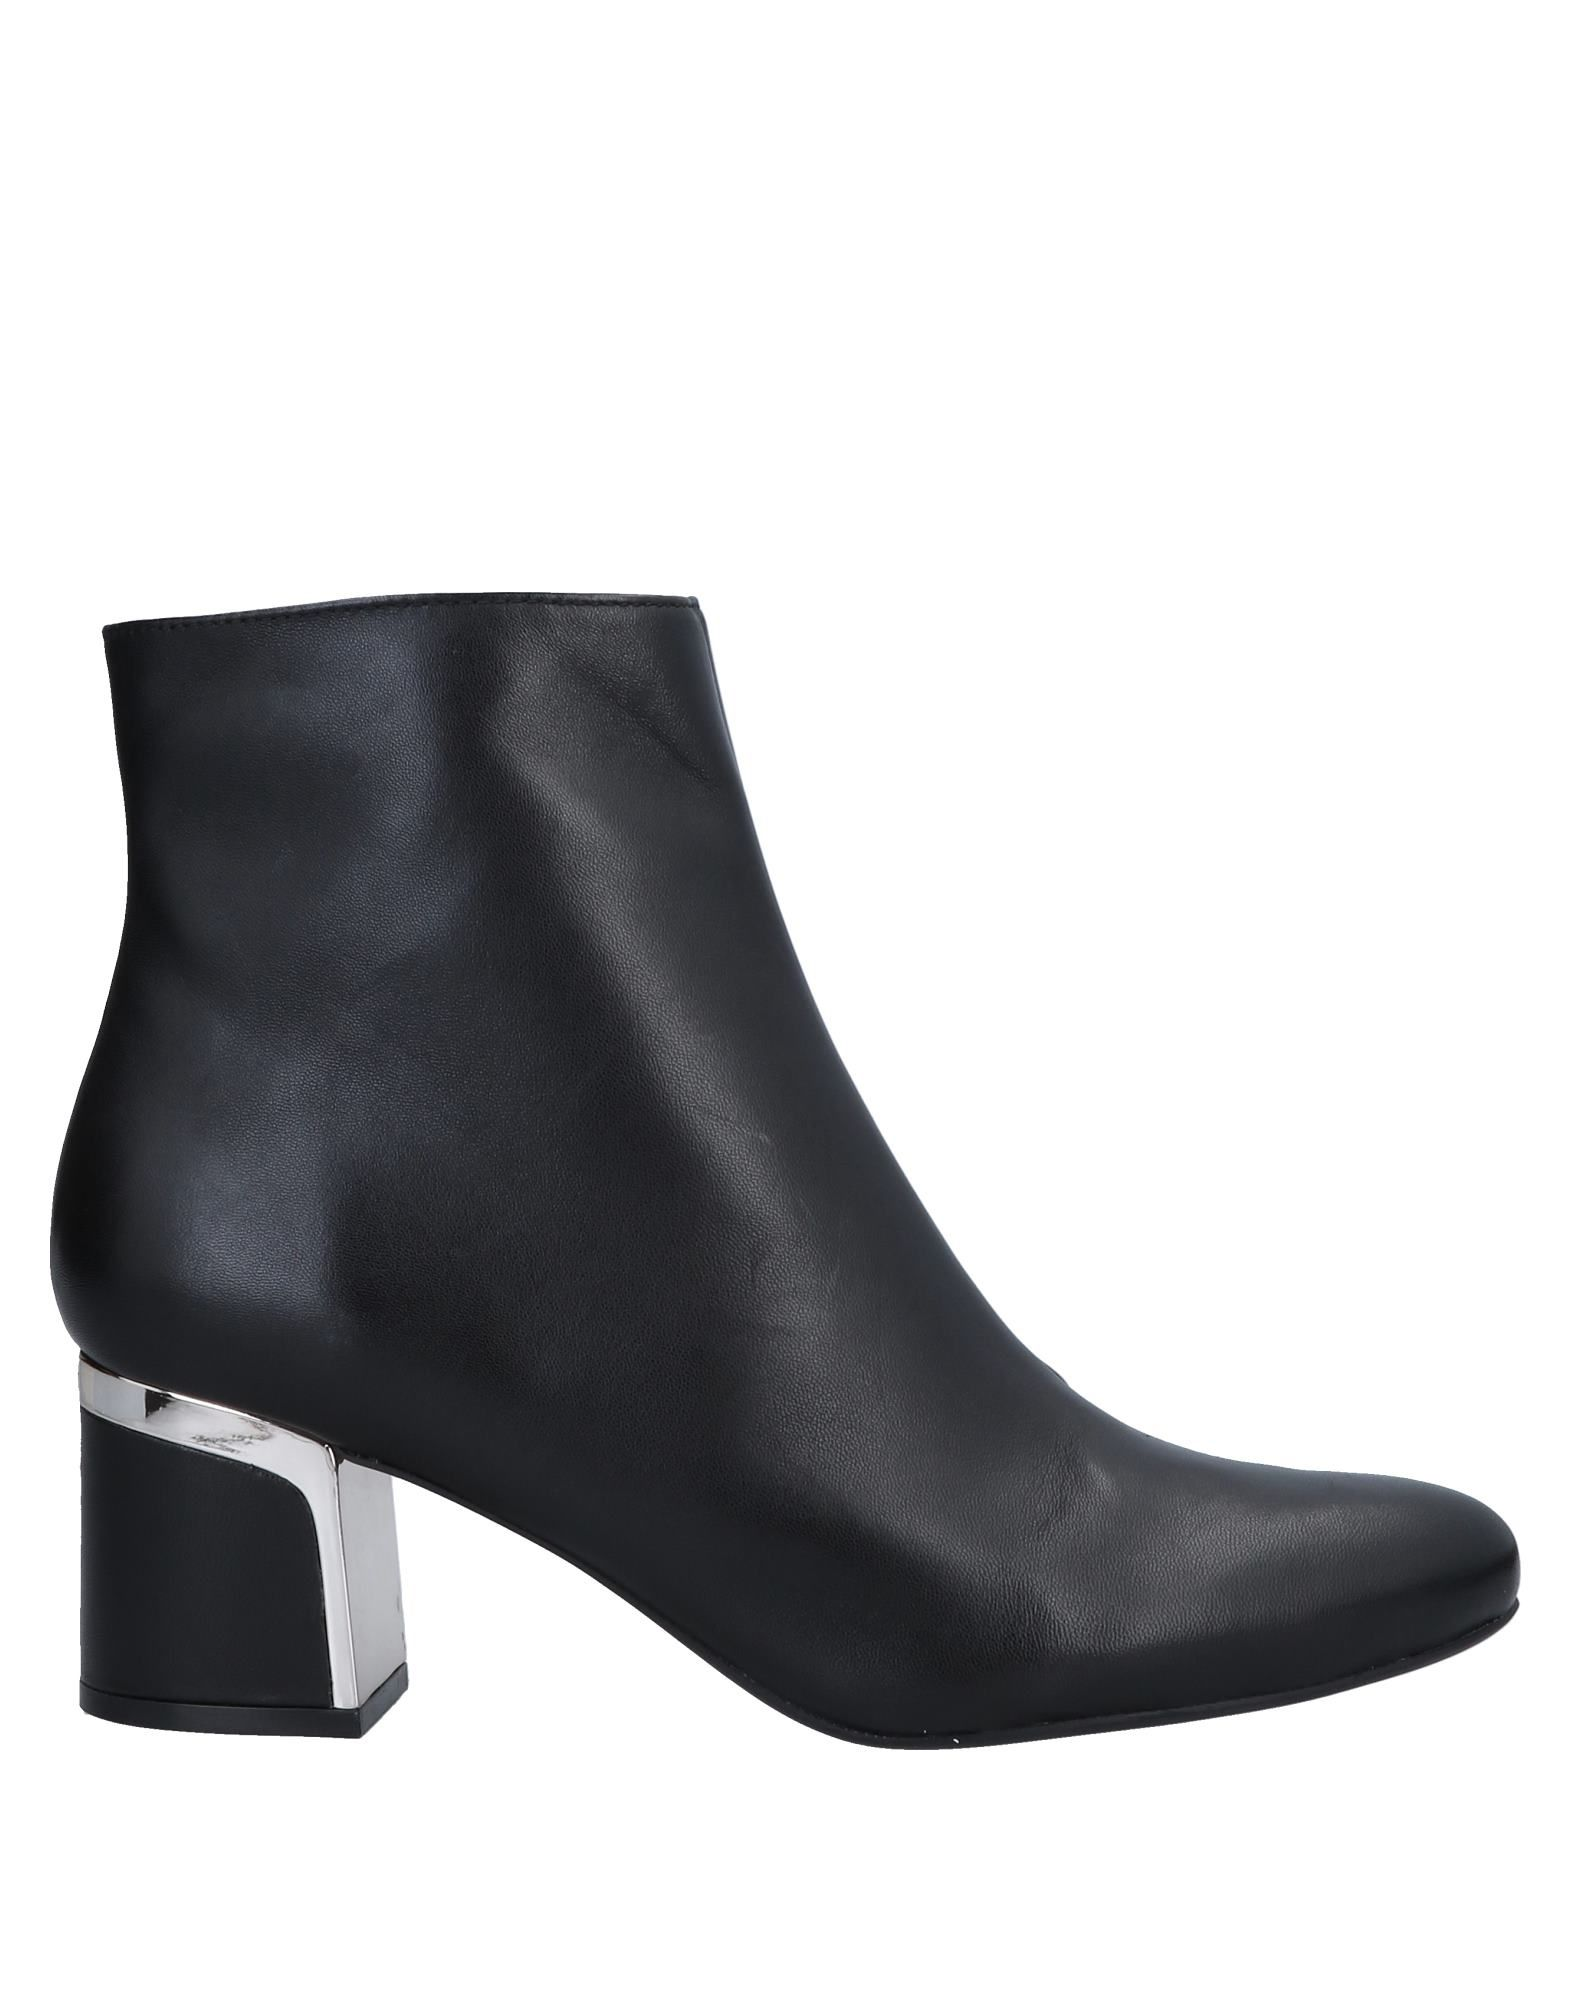 Dkny Stiefelette Damen  11557521ANGut aussehende strapazierfähige Schuhe